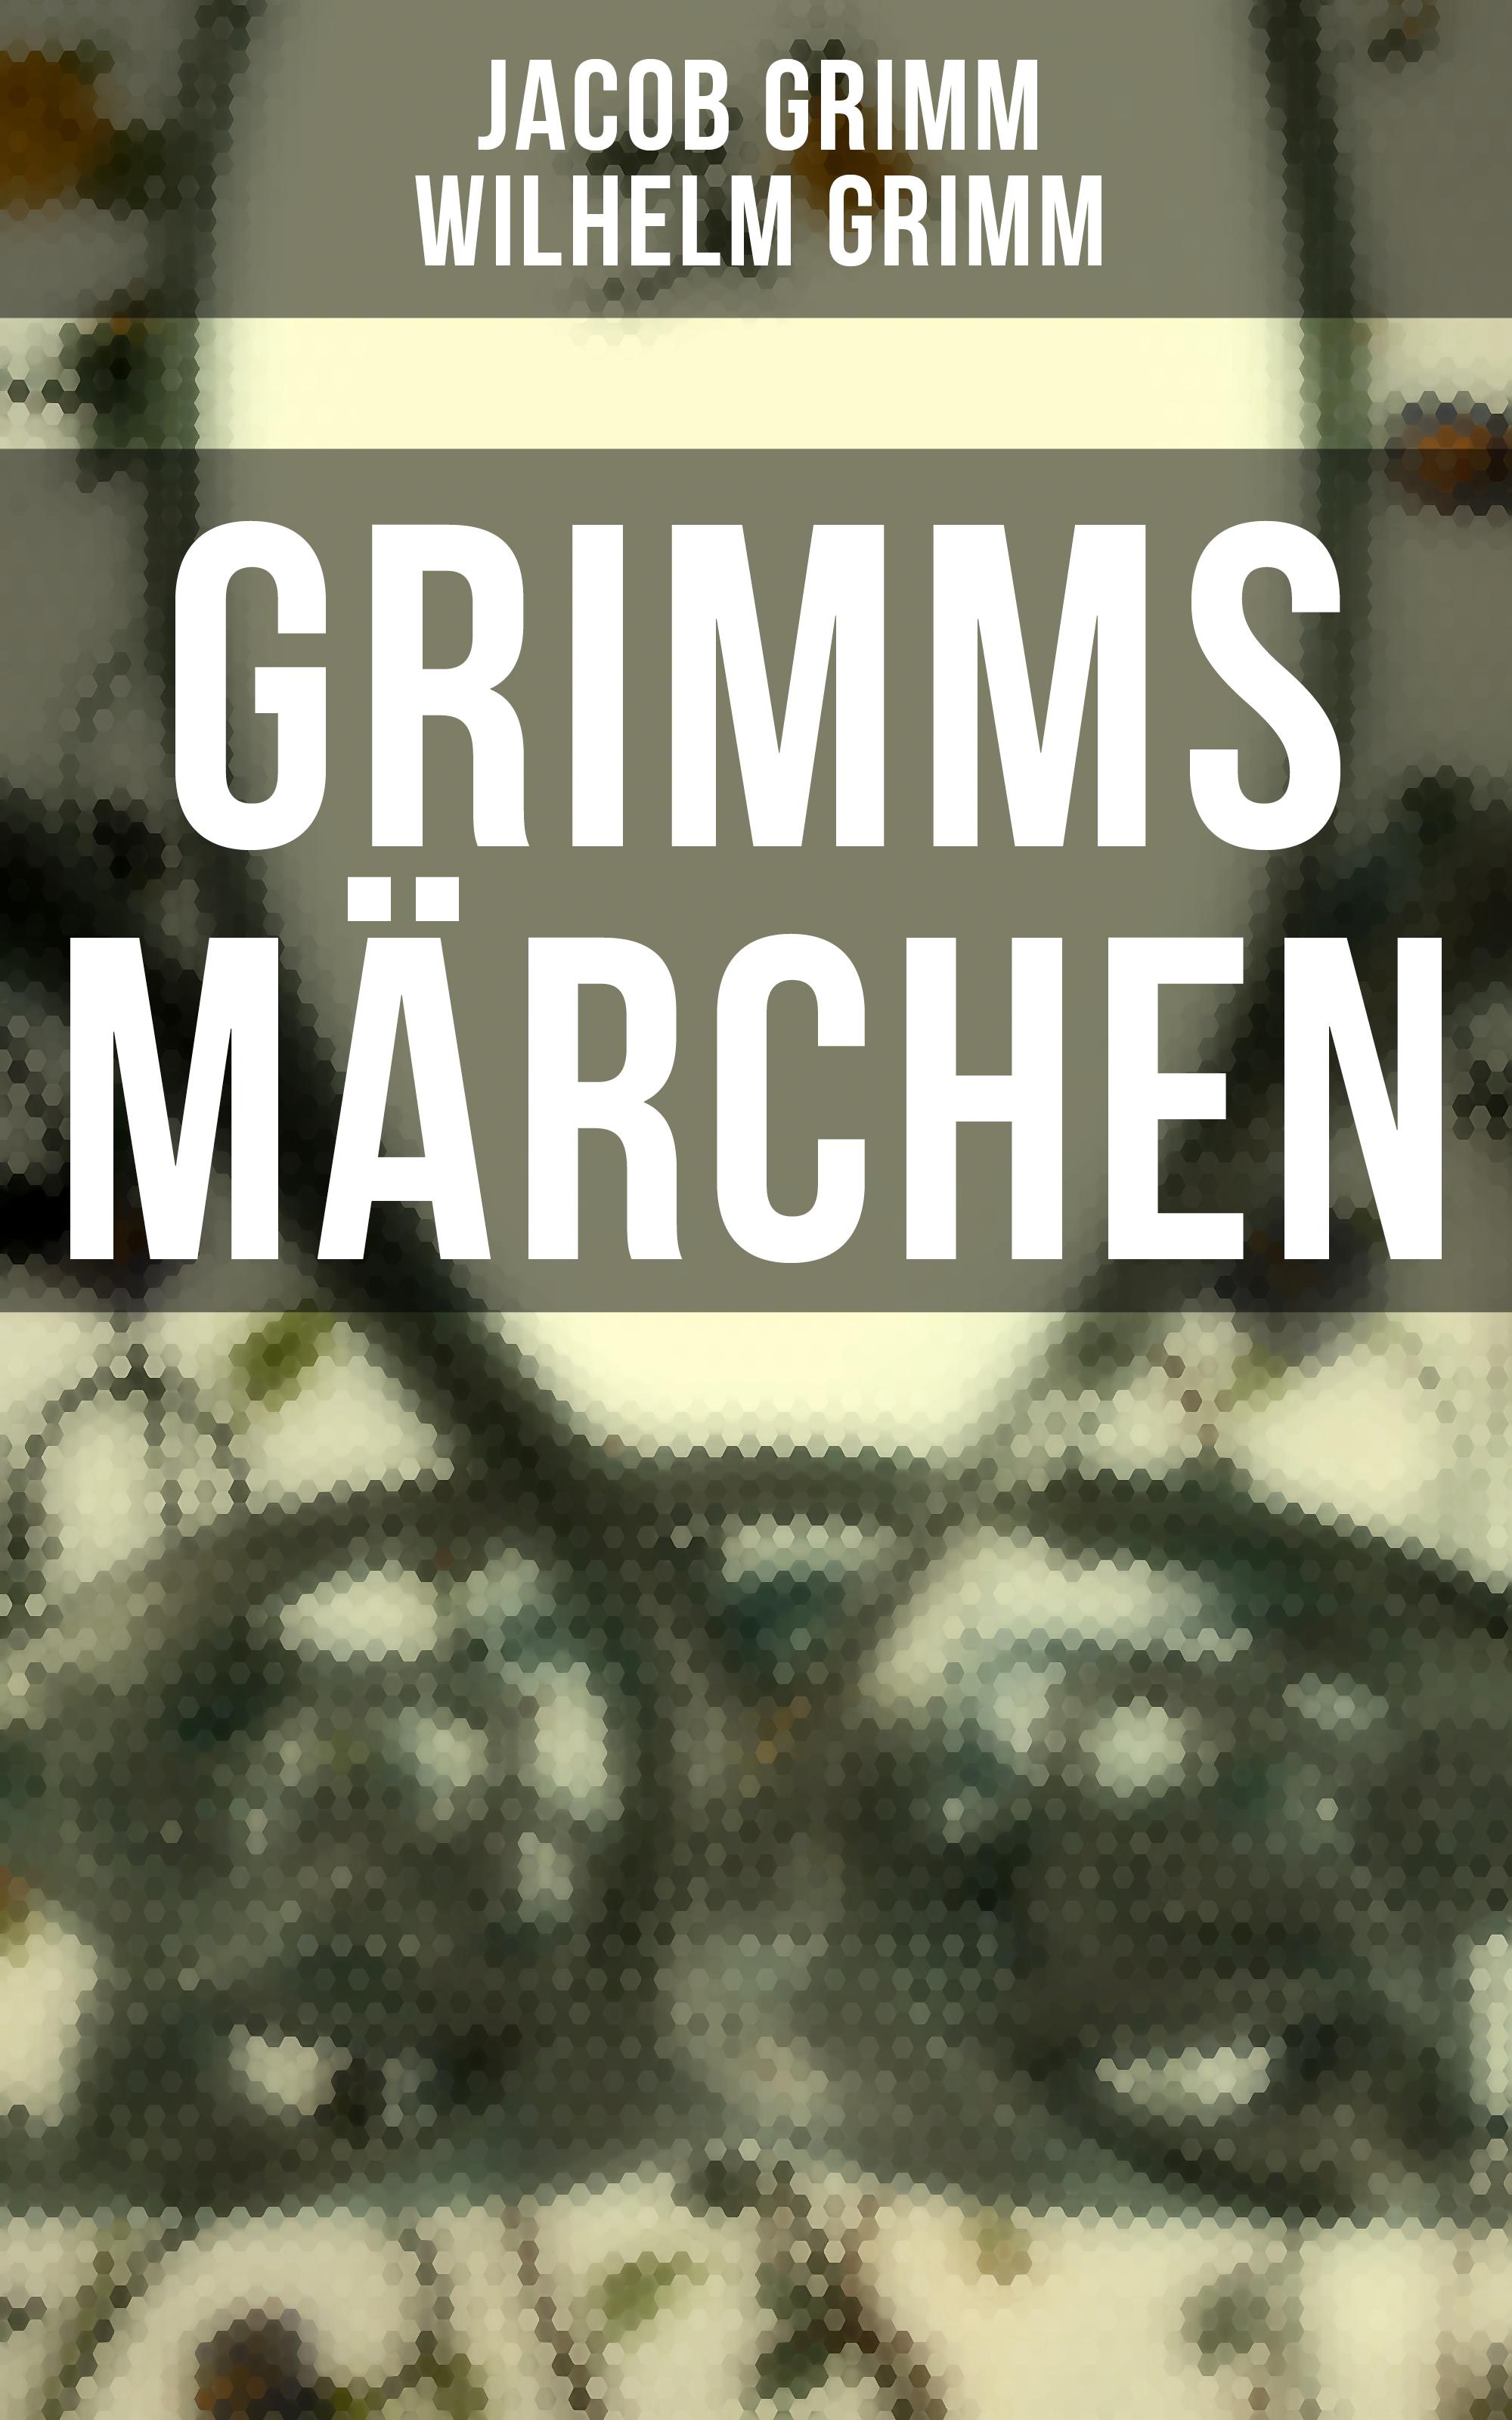 Jacob Grimm Grimms Märchen